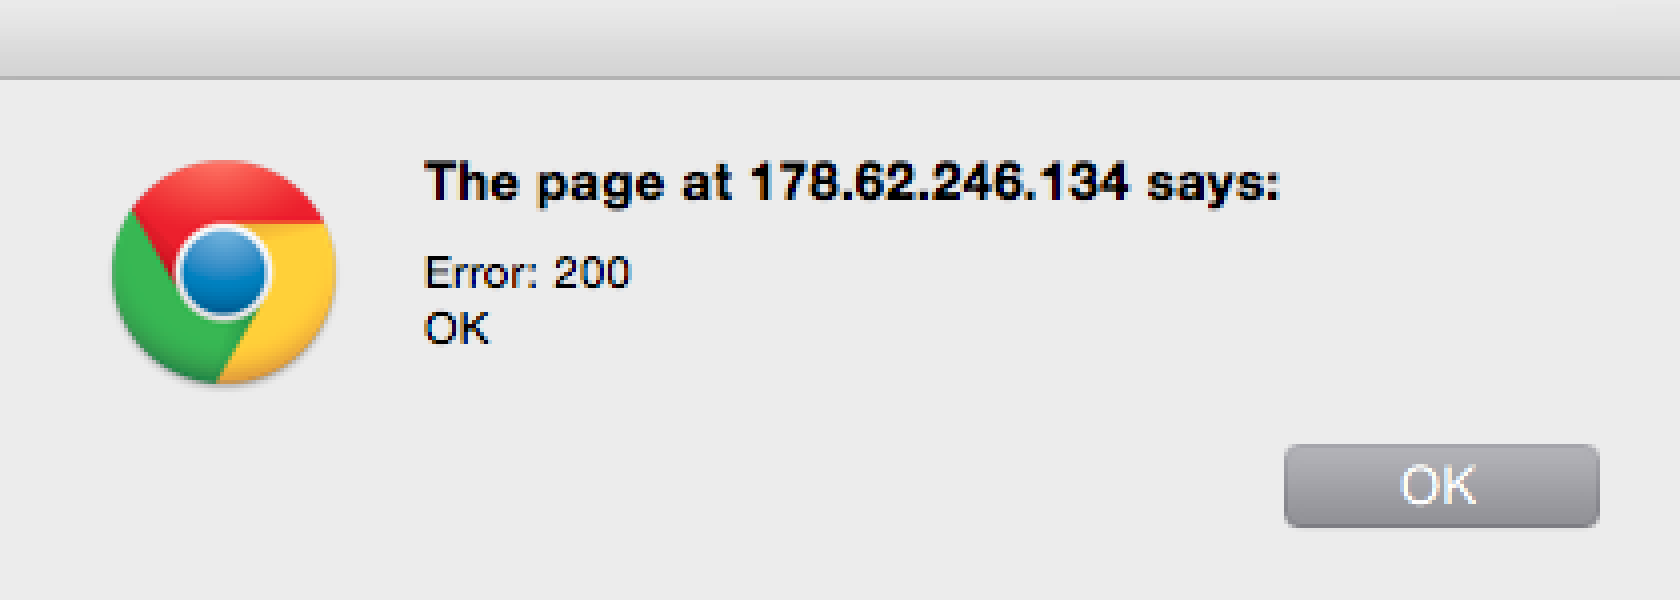 как настроить 404 страницы при продвижении на Joomla